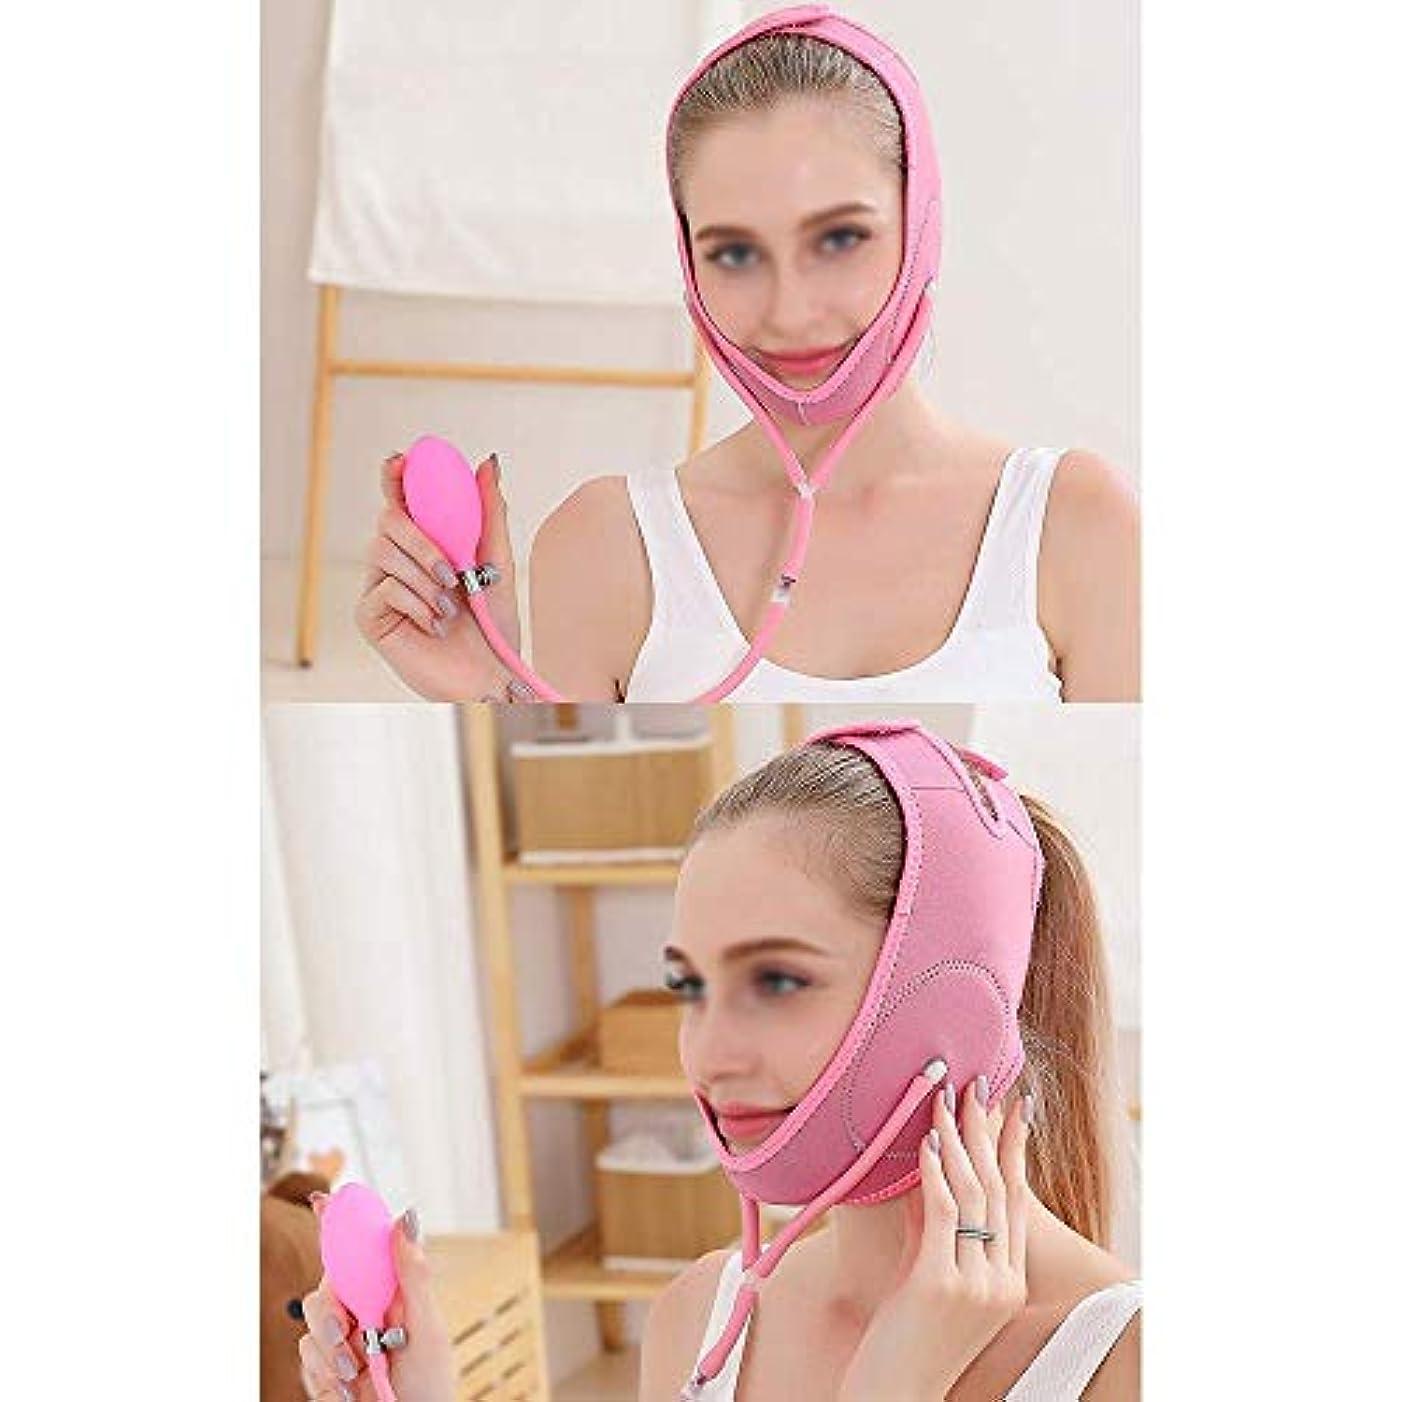 割り込みティッシュ勧めるは二重あご、膨脹可能な顔の持ち上がる革紐、顔の持ち上がる包帯、減らされた二重あごの包帯(1つのサイズはすべてに合う)(色:ピンク)を効果的に改善する,ピンク